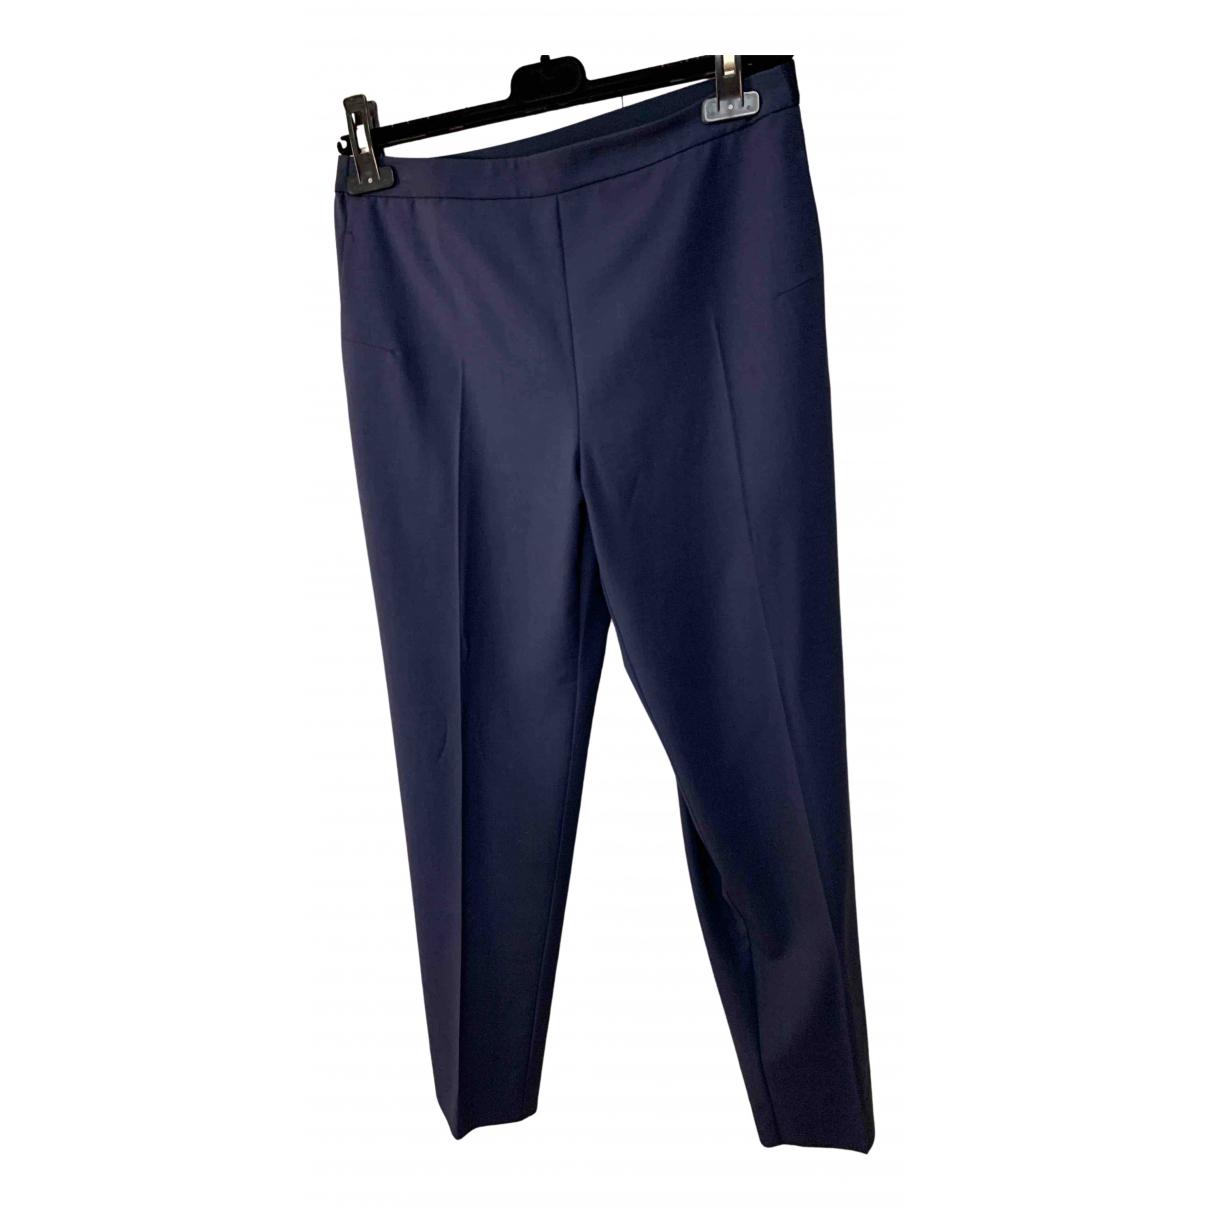 Maison Martin Margiela N Blue Trousers for Women 38 FR